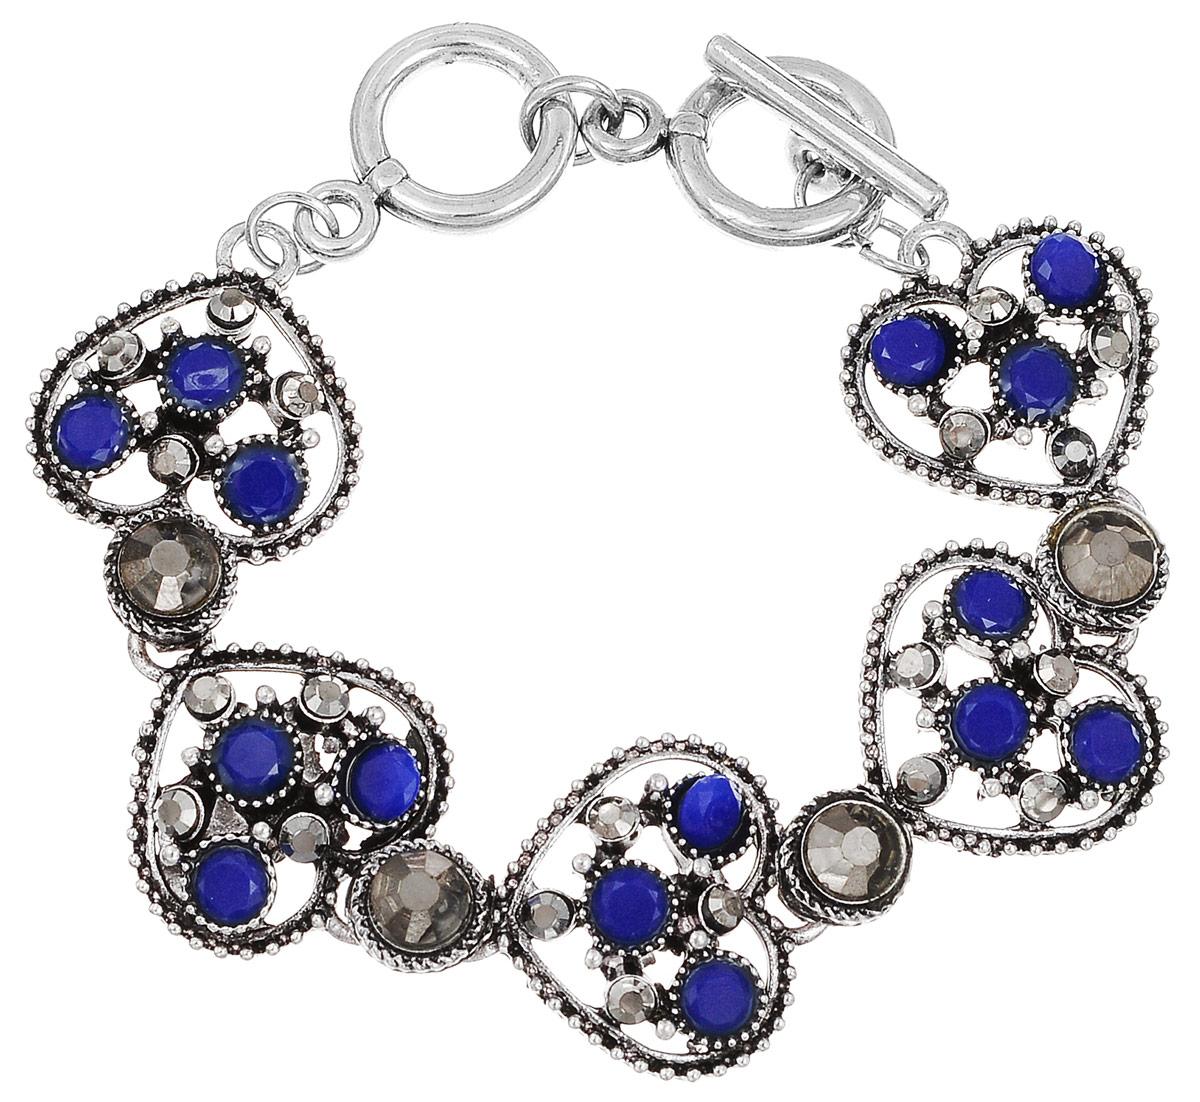 Браслет Fashion House, цвет: синий, серебристый. FH33036FH33036Великолепный браслет Fashion House из высококачественного металла, позволит вам с легкостью воплотить самую смелую фантазию и создать собственный неповторимый образ. Браслет выполнен под старину, состоящий из кружевных звеньев-сердечек, оформленных стразами. Браслет застегивается при помощи застежки-тогл, благодаря которой браслет легко снимать и надевать. Красивое и необычное украшение блестяще подчеркнет ваш изысканный вкус и поможет внести разнообразие в привычный образ.